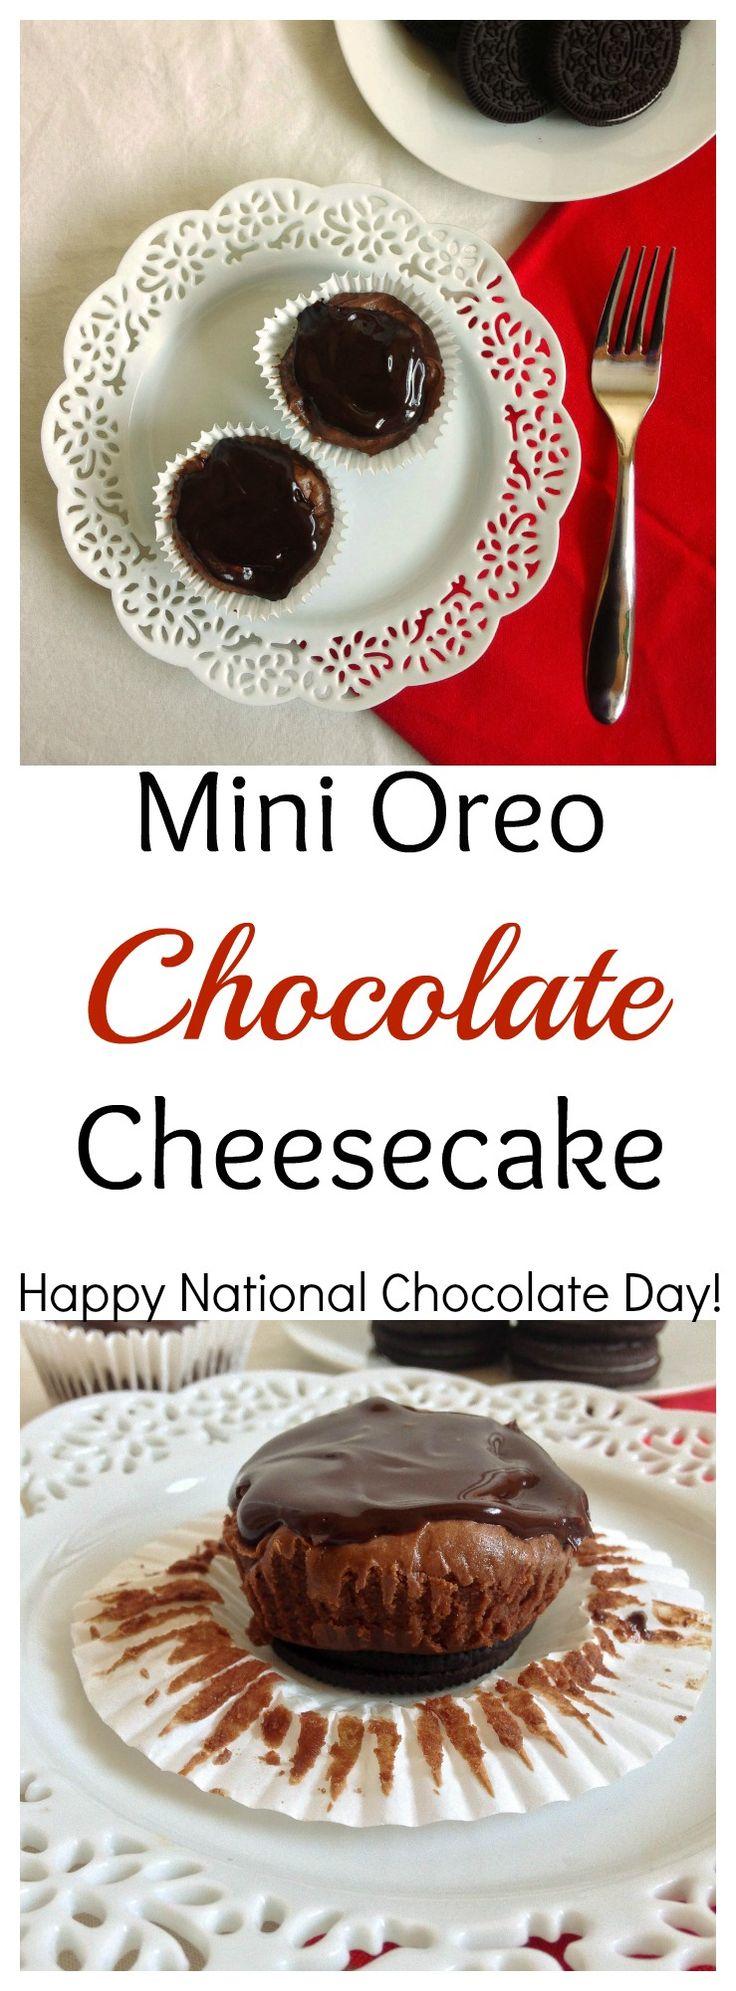 Best 25+ National oreo day ideas on Pinterest | Oreo icecream ...